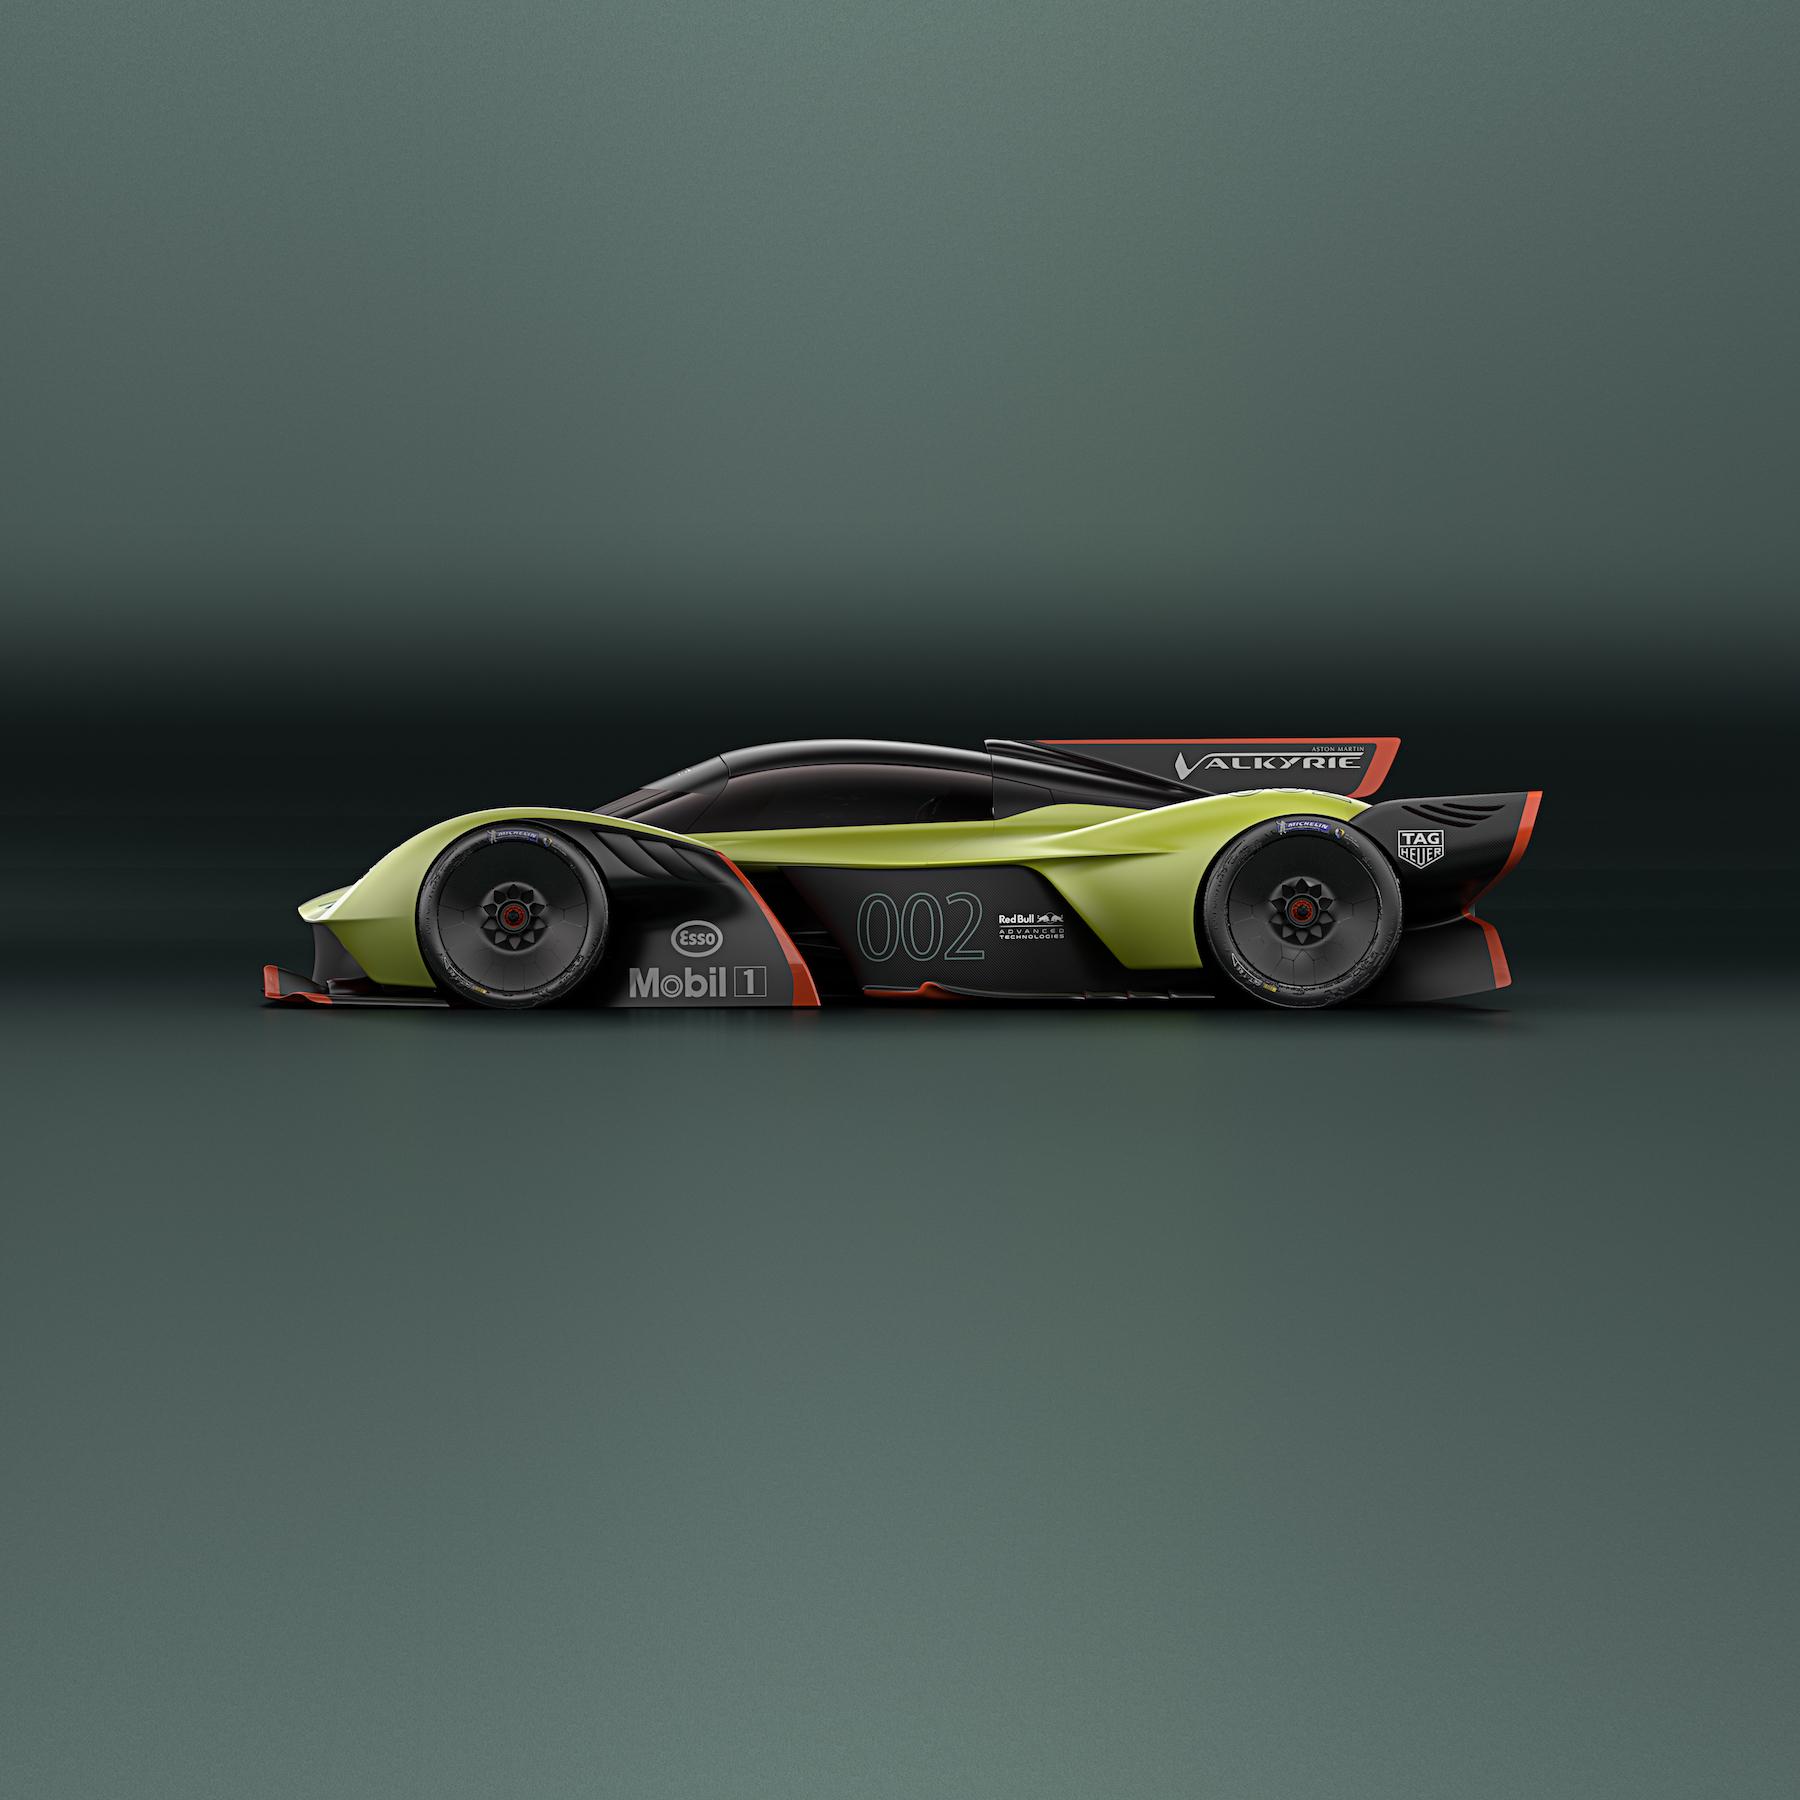 Aston Martin Valkyrie Sport: Aston Martin Valkyrie AMR Pro Debuts At Geneva